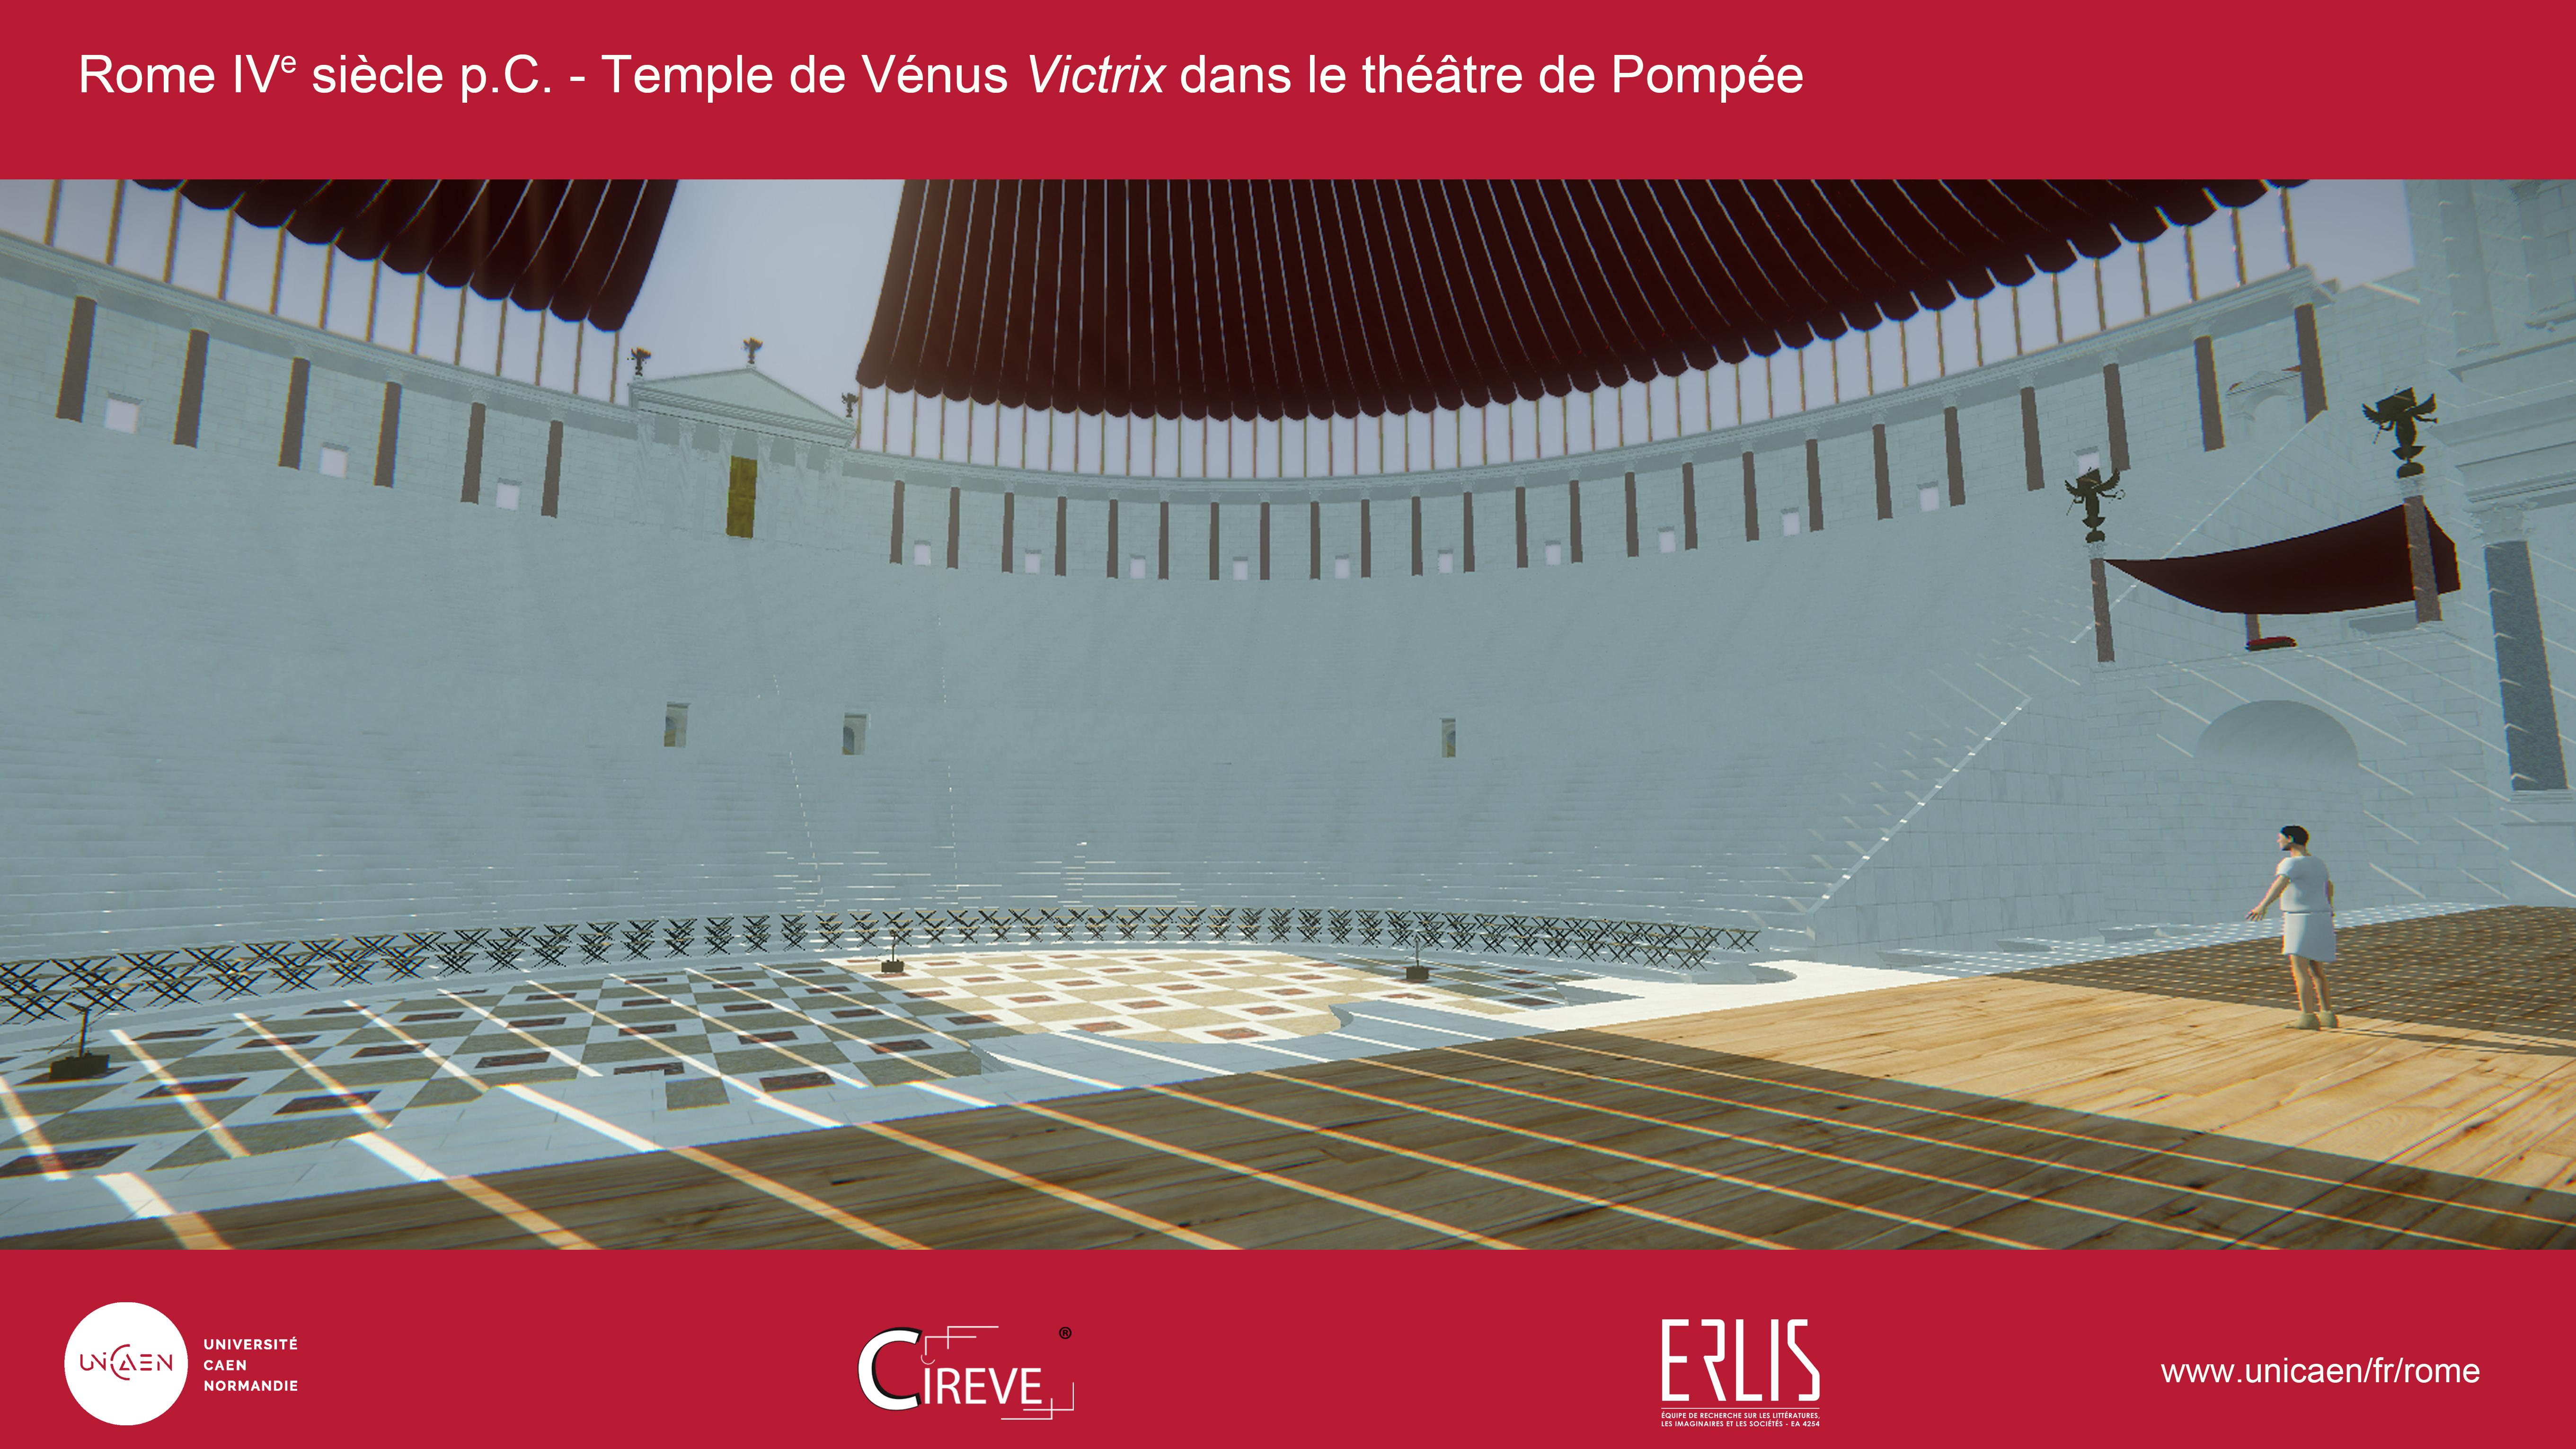 Temple de Vénus Victrix dans le théâtre de Pompée